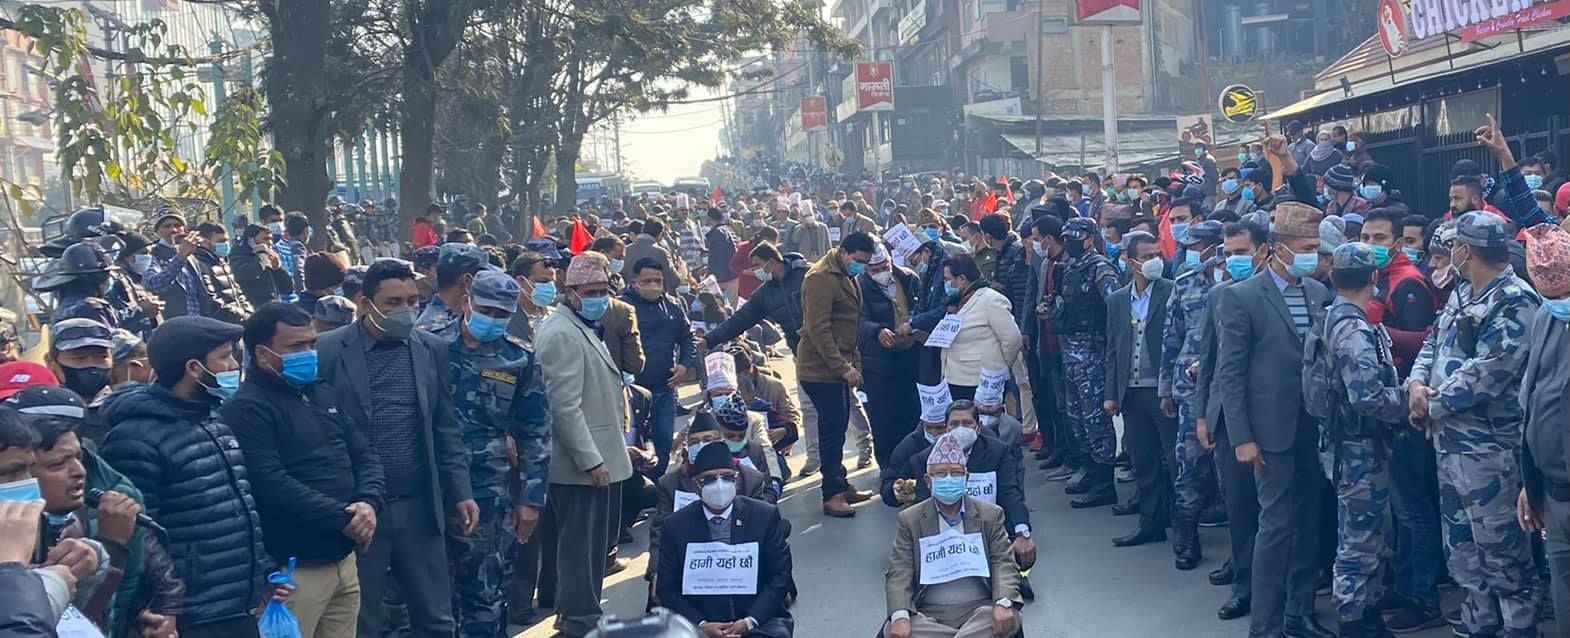 नेपाल र प्रचण्ड प्रधानमन्त्रीको कदमविरुद्ध सडकमा (फोटो)